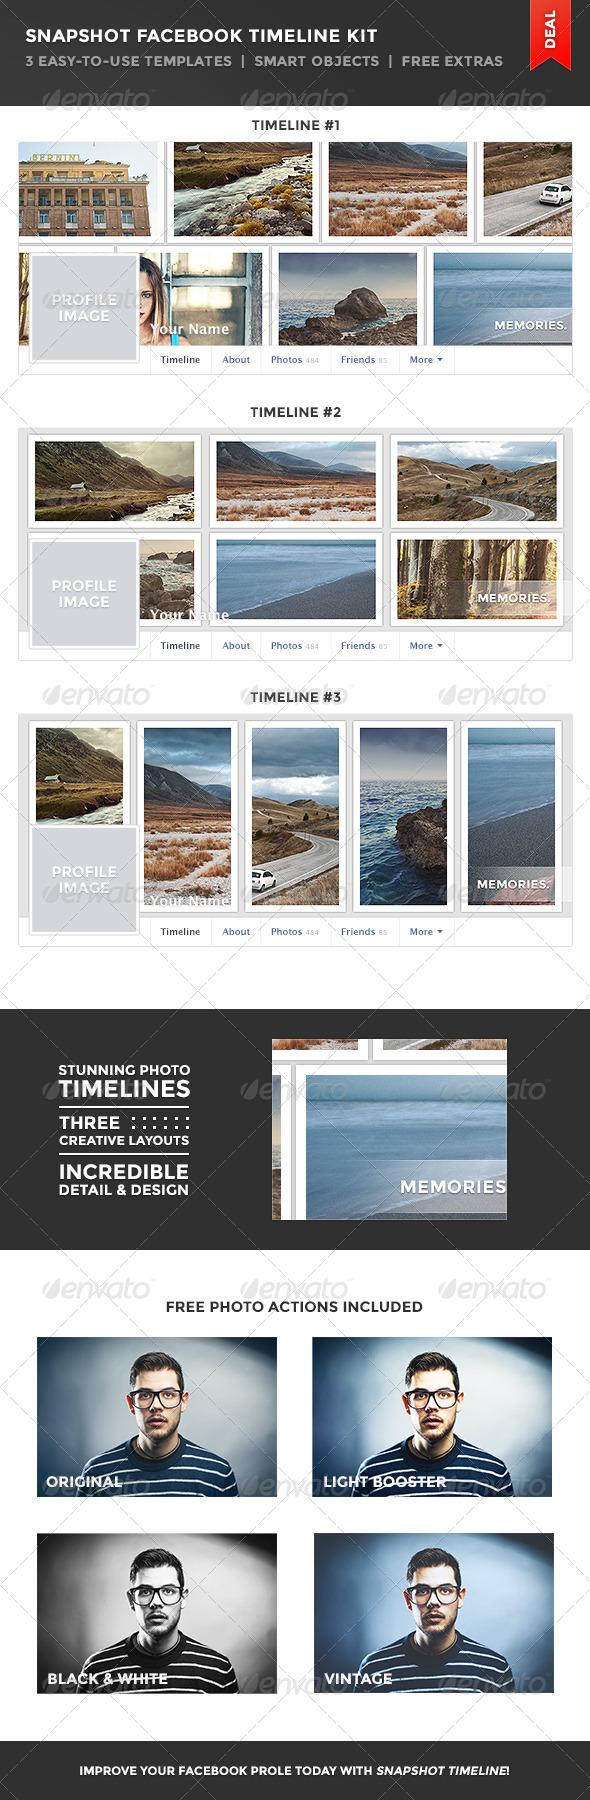 GraphicRiver Snapshot Facebook Timeline Kit 6023916